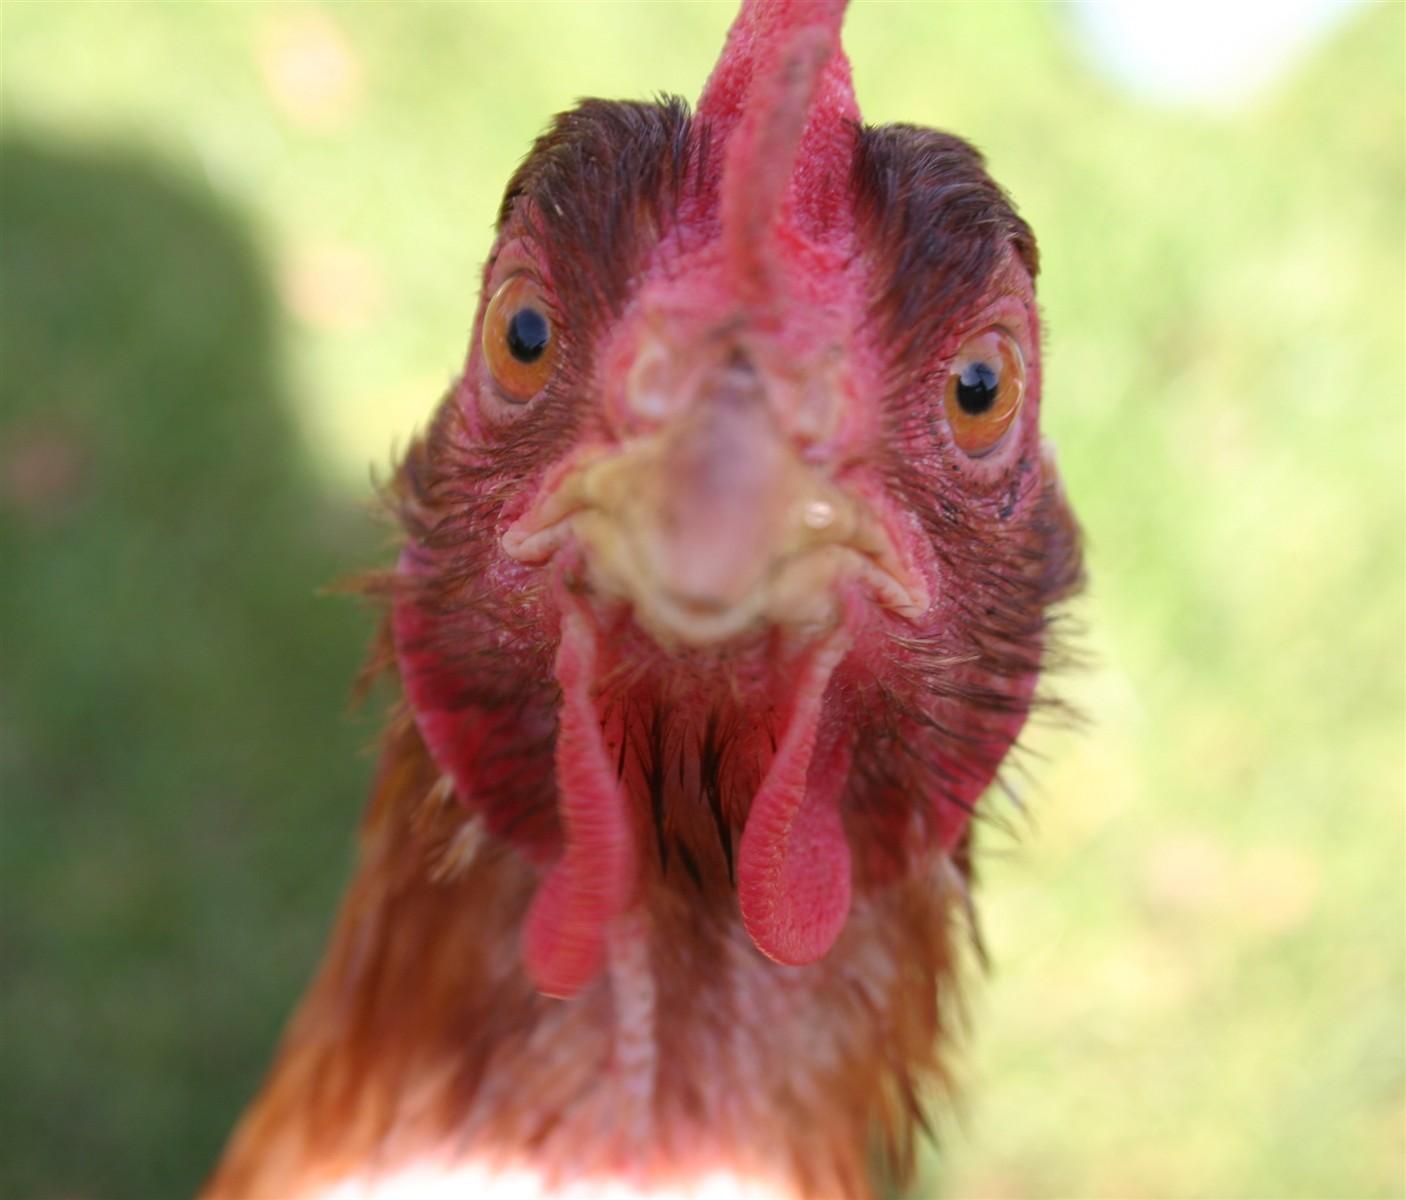 Chicken Funny Face: Itrybutfail: Galleries: Digital ...